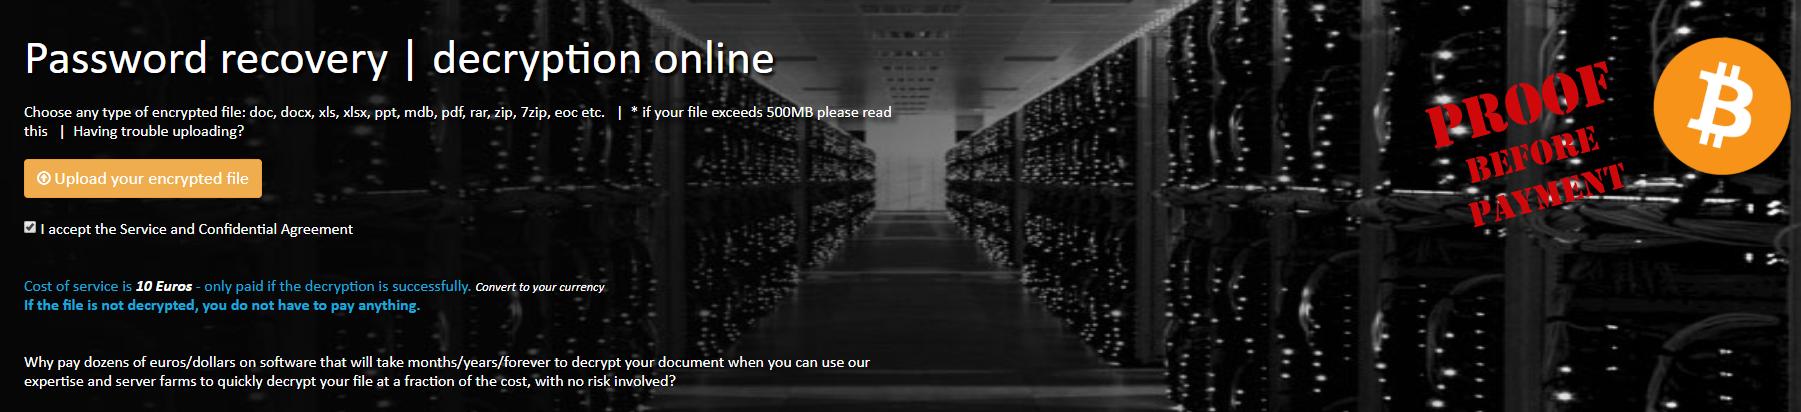 cracker le mot de passe du fichier ZIP sur le site password-online